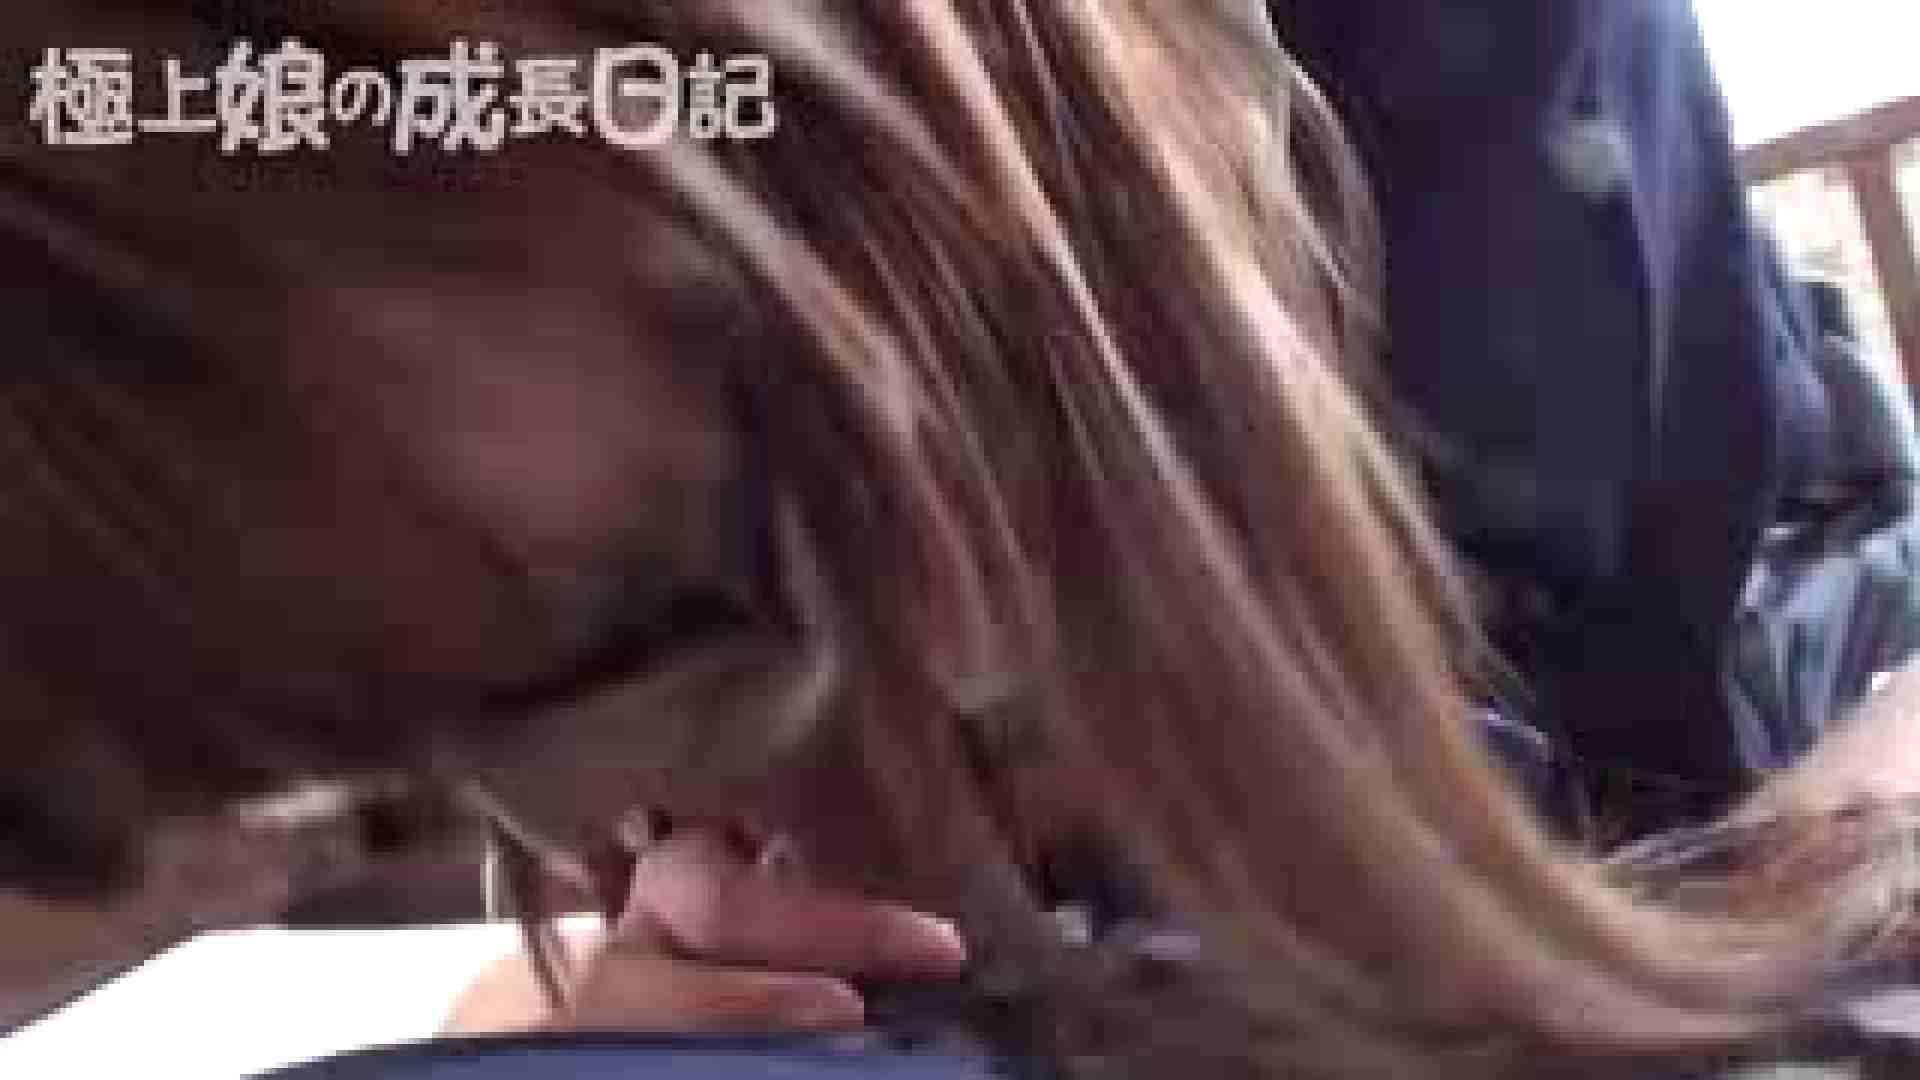 極上素人嬢の成長日記 コスプレハメ撮り制服編 巨乳に挟まれたい ワレメ無修正動画無料 62pic 51